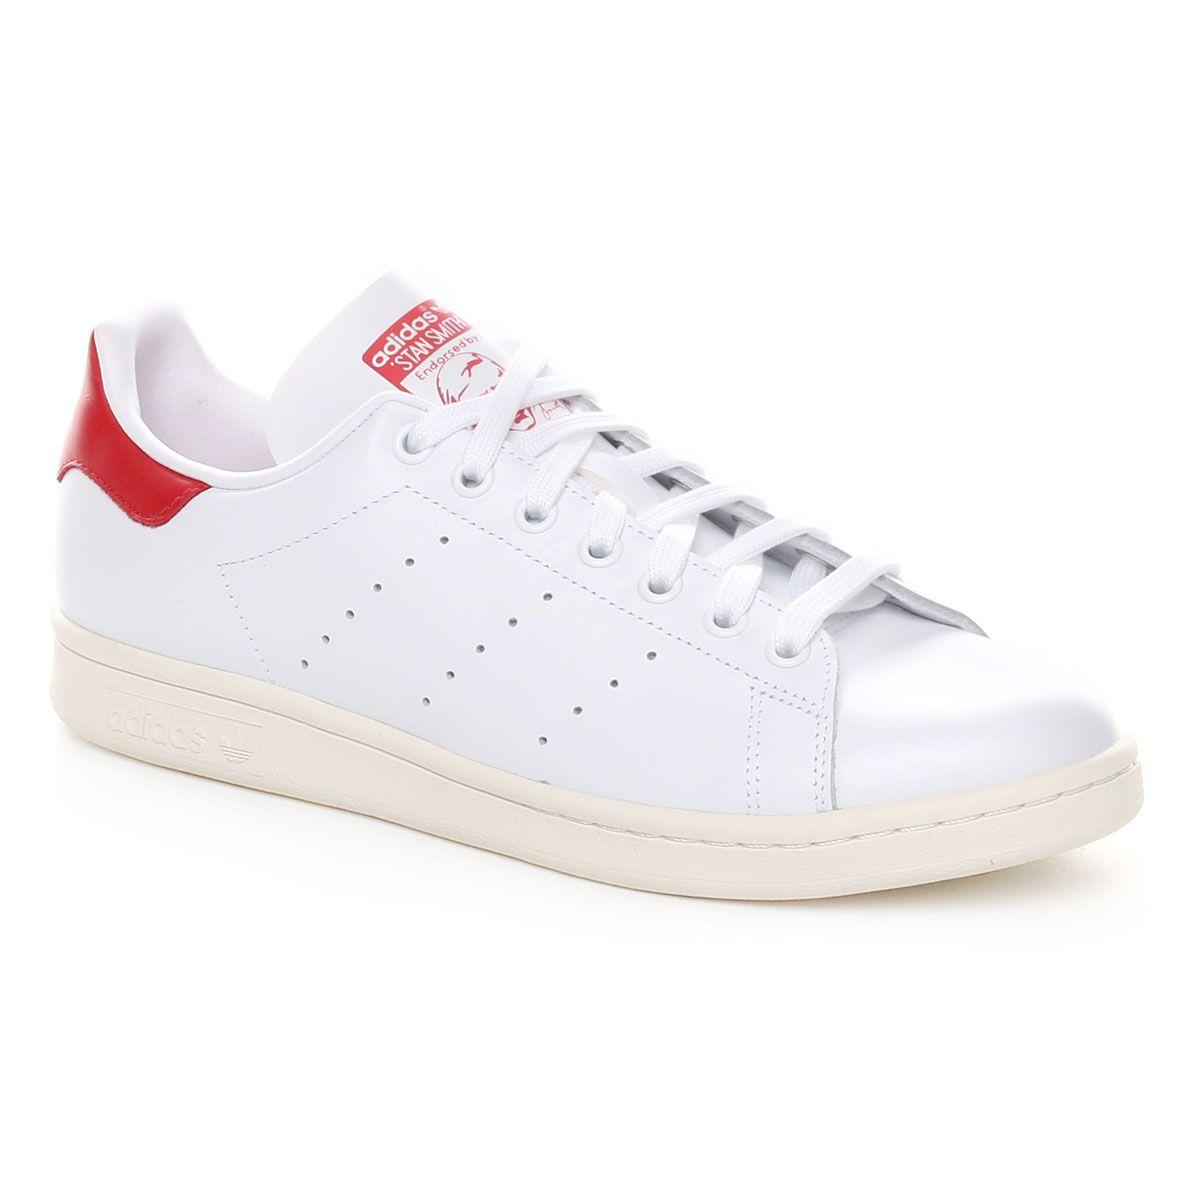 Adidas Originals Stan Smith Uomo Bianco Rosso